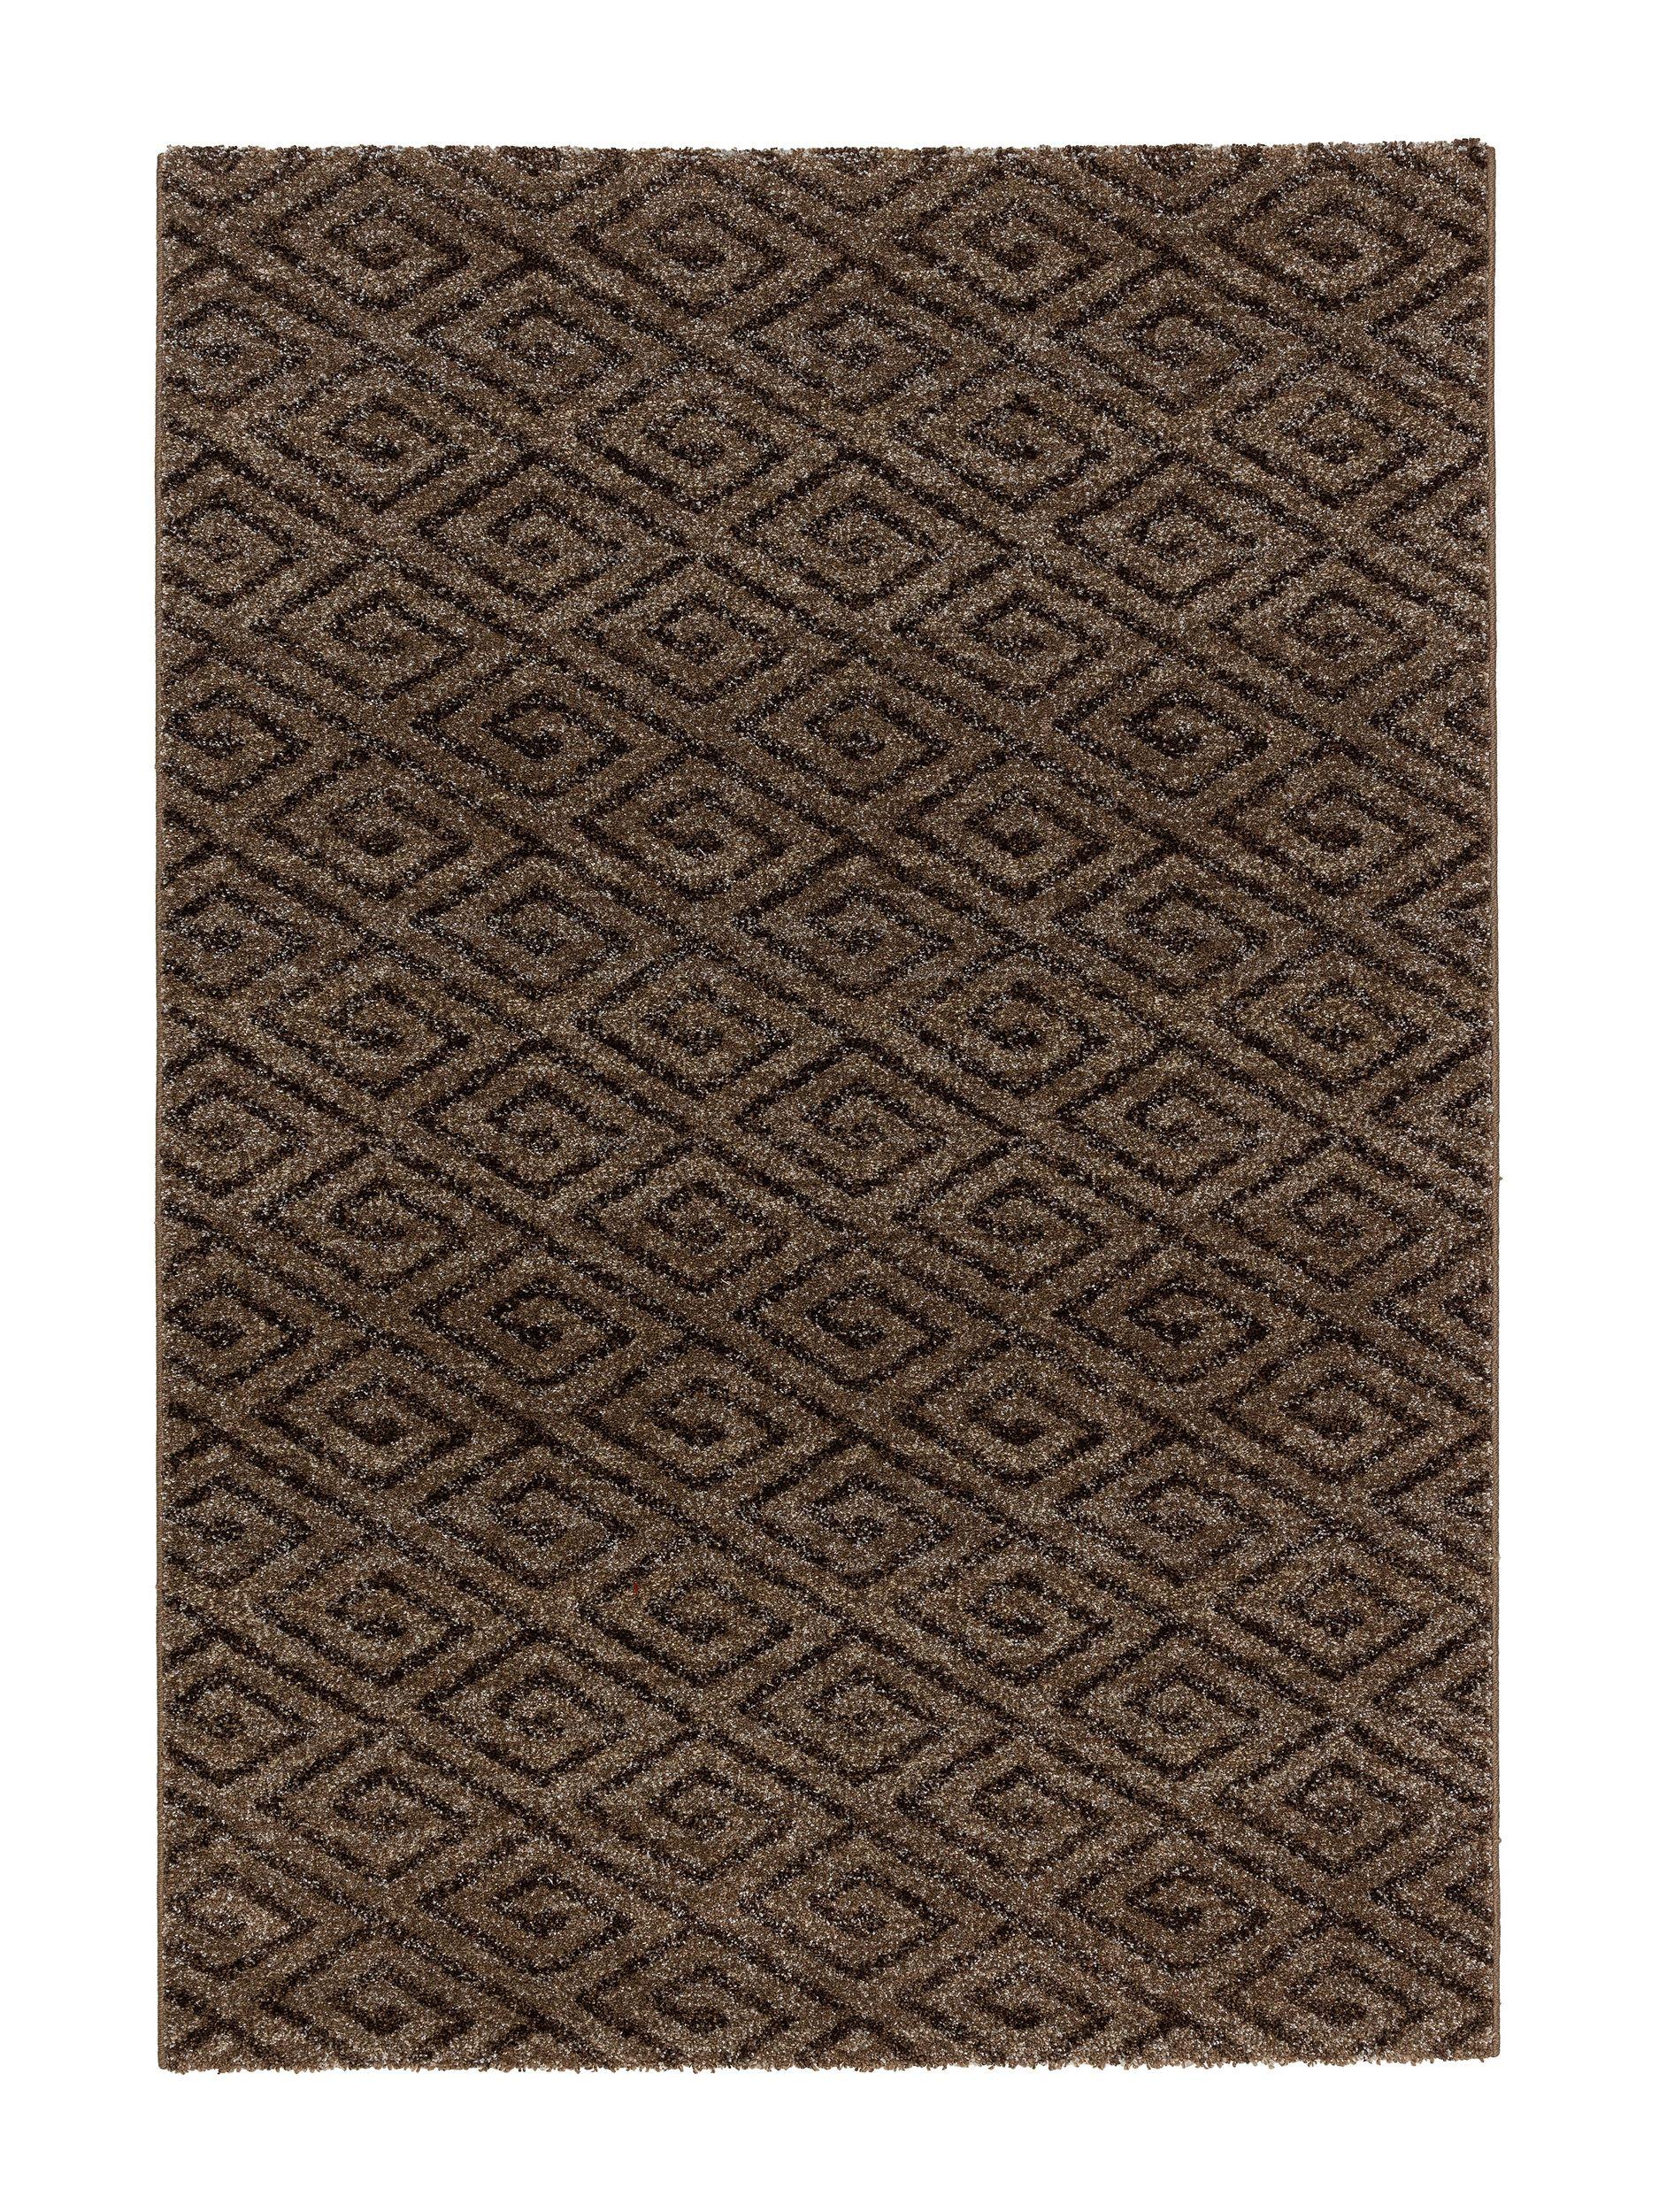 Teppich wm 133x190cm CARPI RAUTE